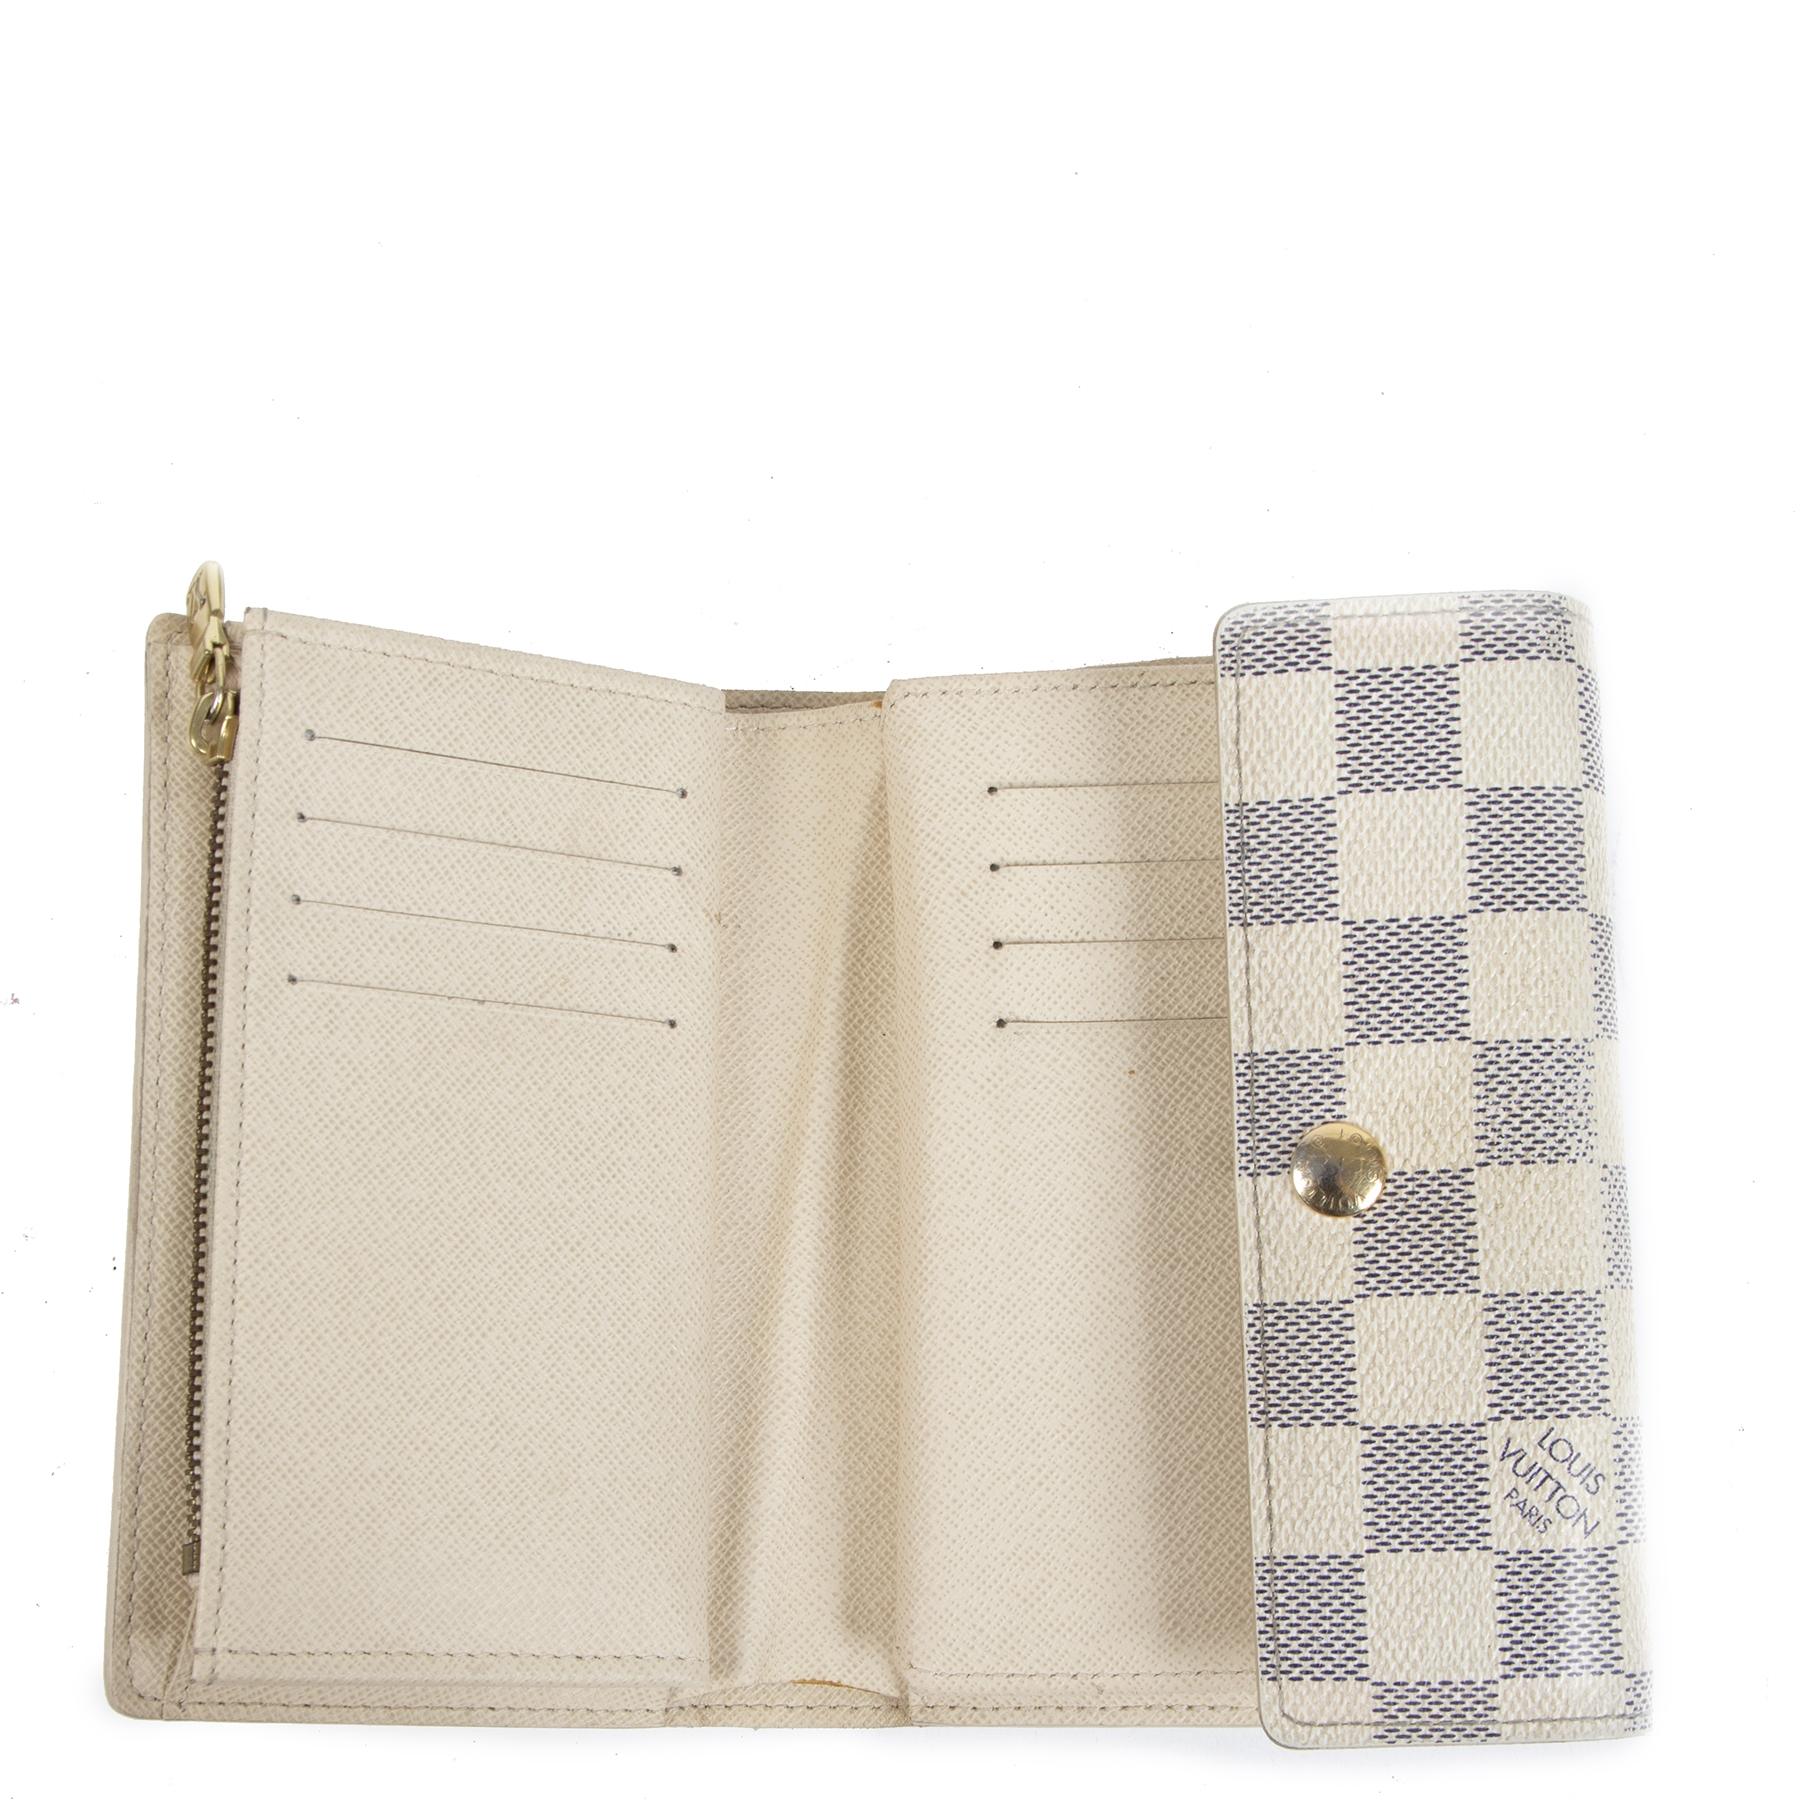 Authentic second-hand vintage Louis Vuitton White Alexandra Damier Azur Canvas Wallet buy online webshop LabelLOV